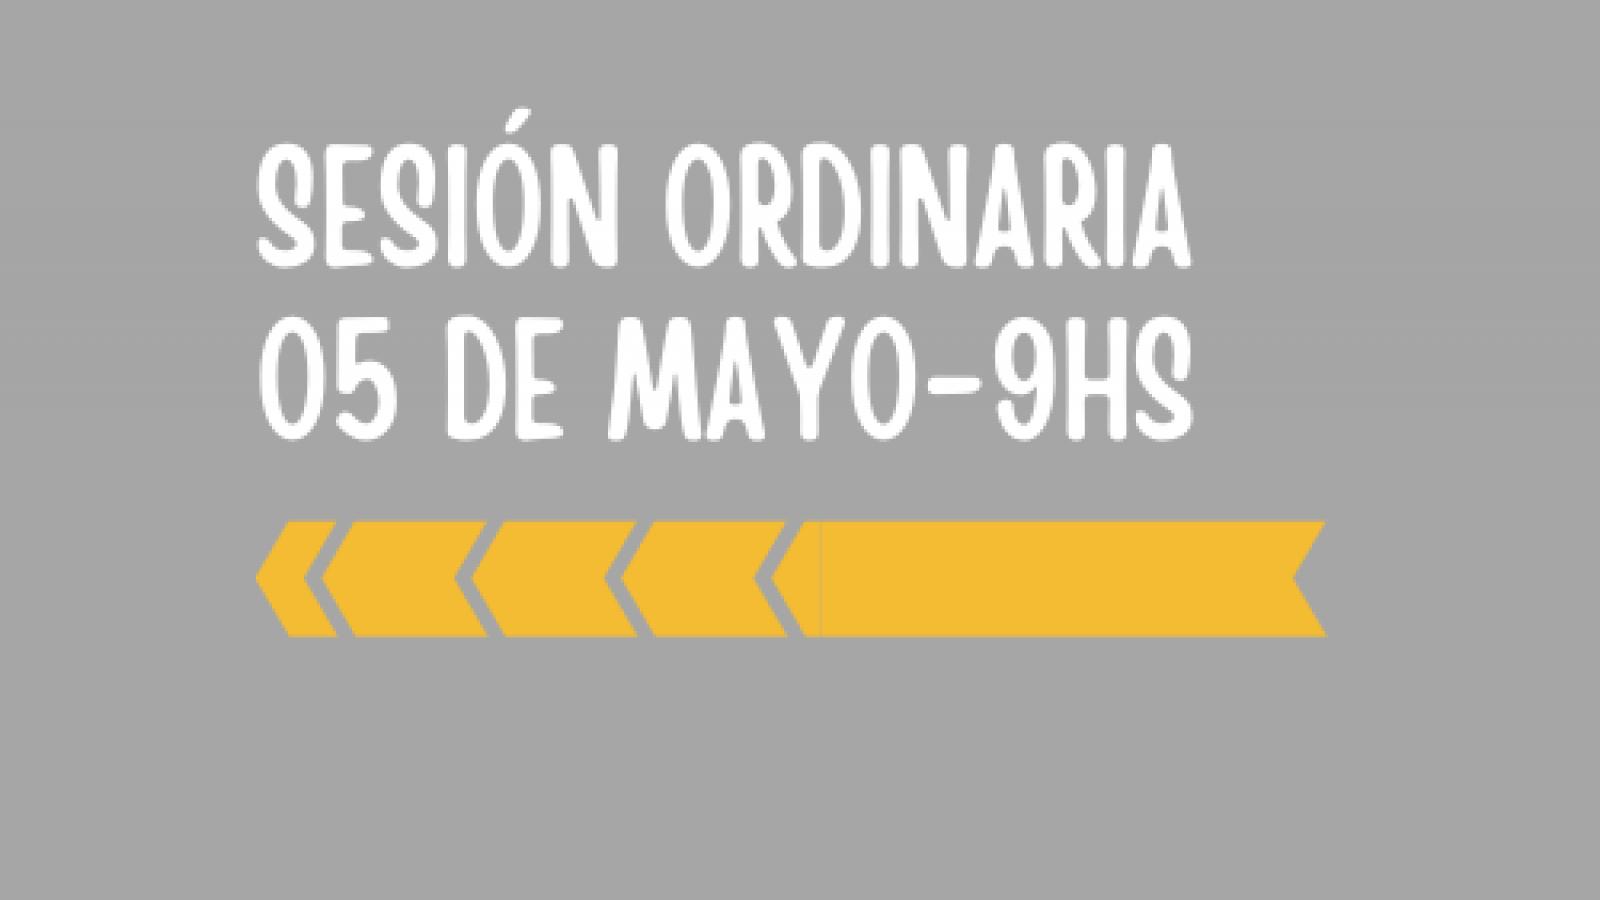 Rosa Delineado Círculo Hípster Logotipo (2)